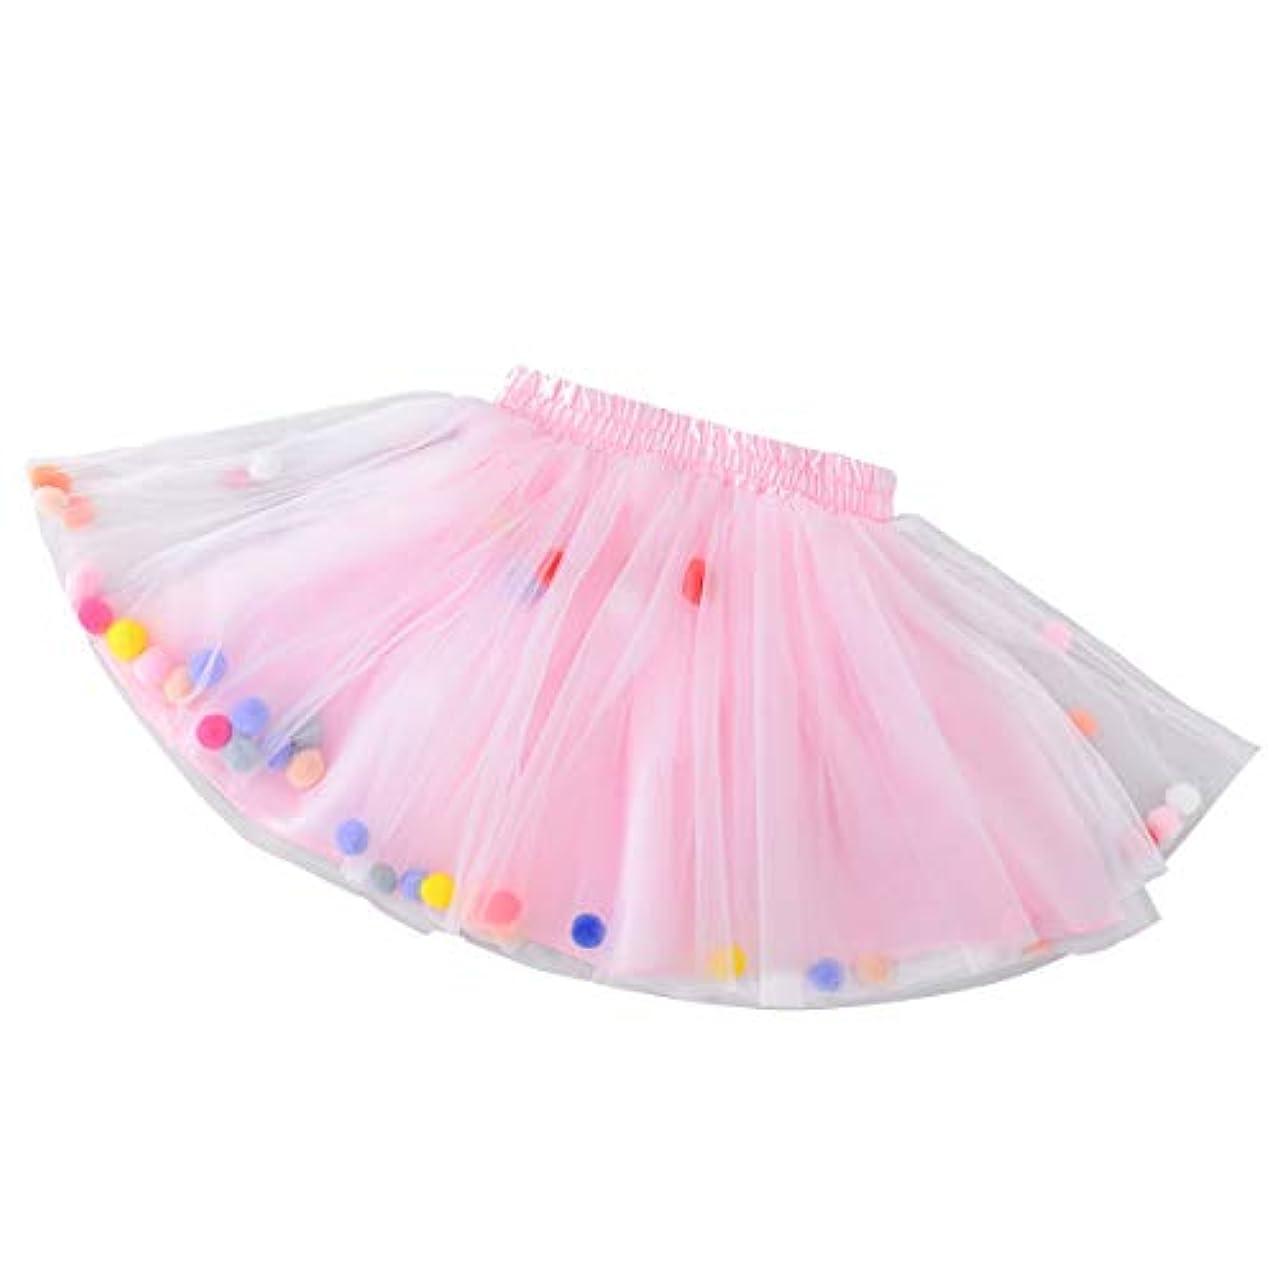 嫌がらせ教育する生むYeahiBaby 子供チュチュスカートラブリーピンクミディスカートカラフルなファジィボールガーゼスカートプリンセスドレス衣装用女の子(サイズm)